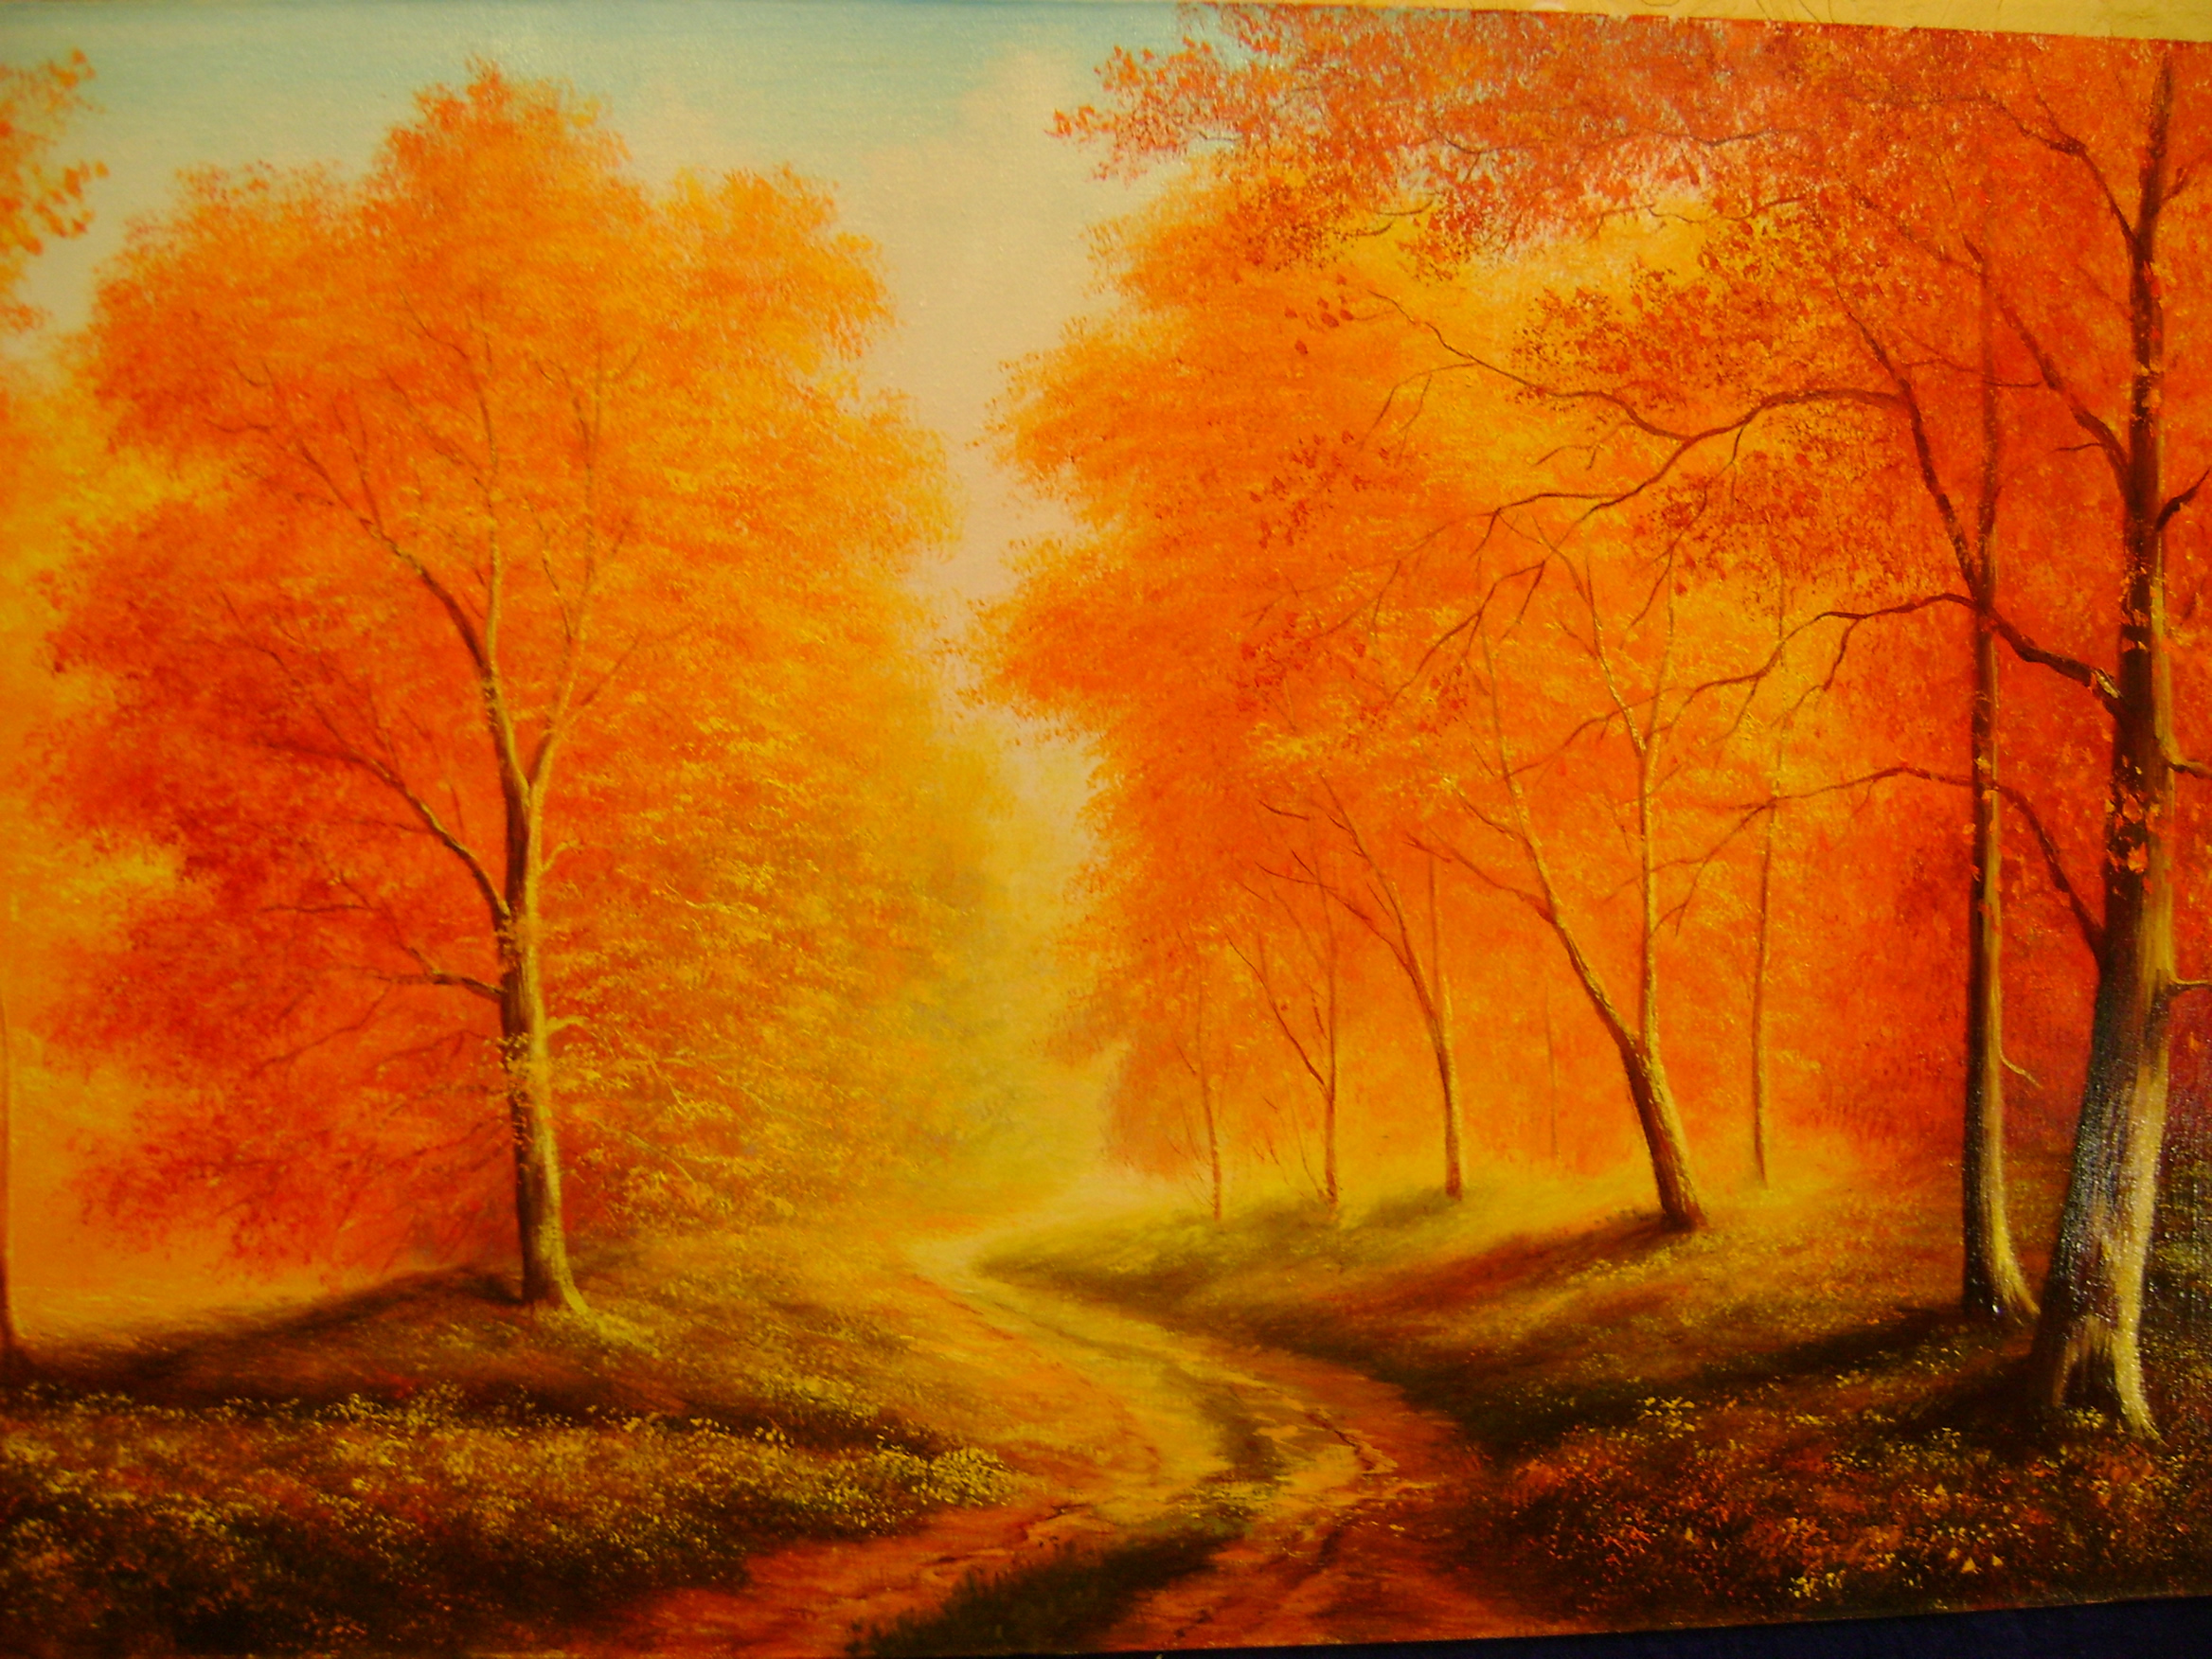 Осень картинки красивые нарисованные